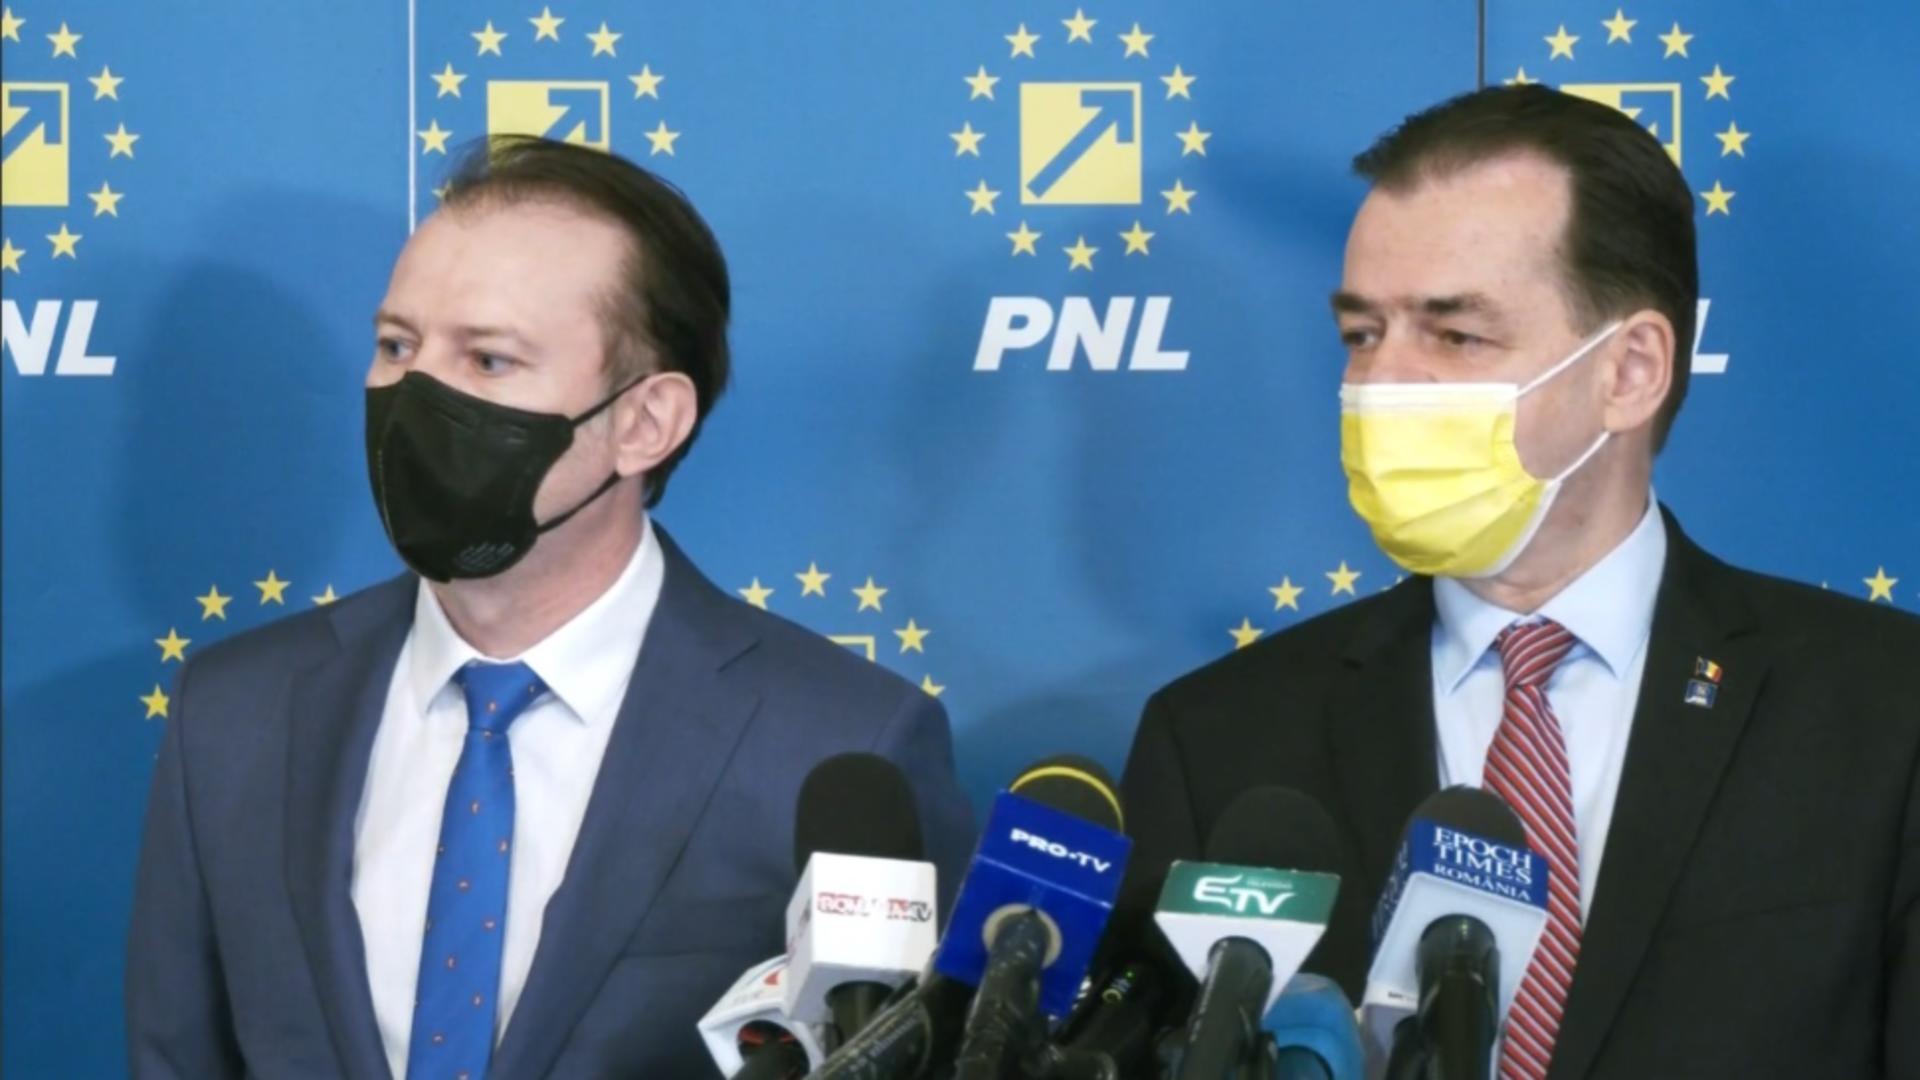 Florin Cîțu și Ludovic Orban, competitori la șefia PNL